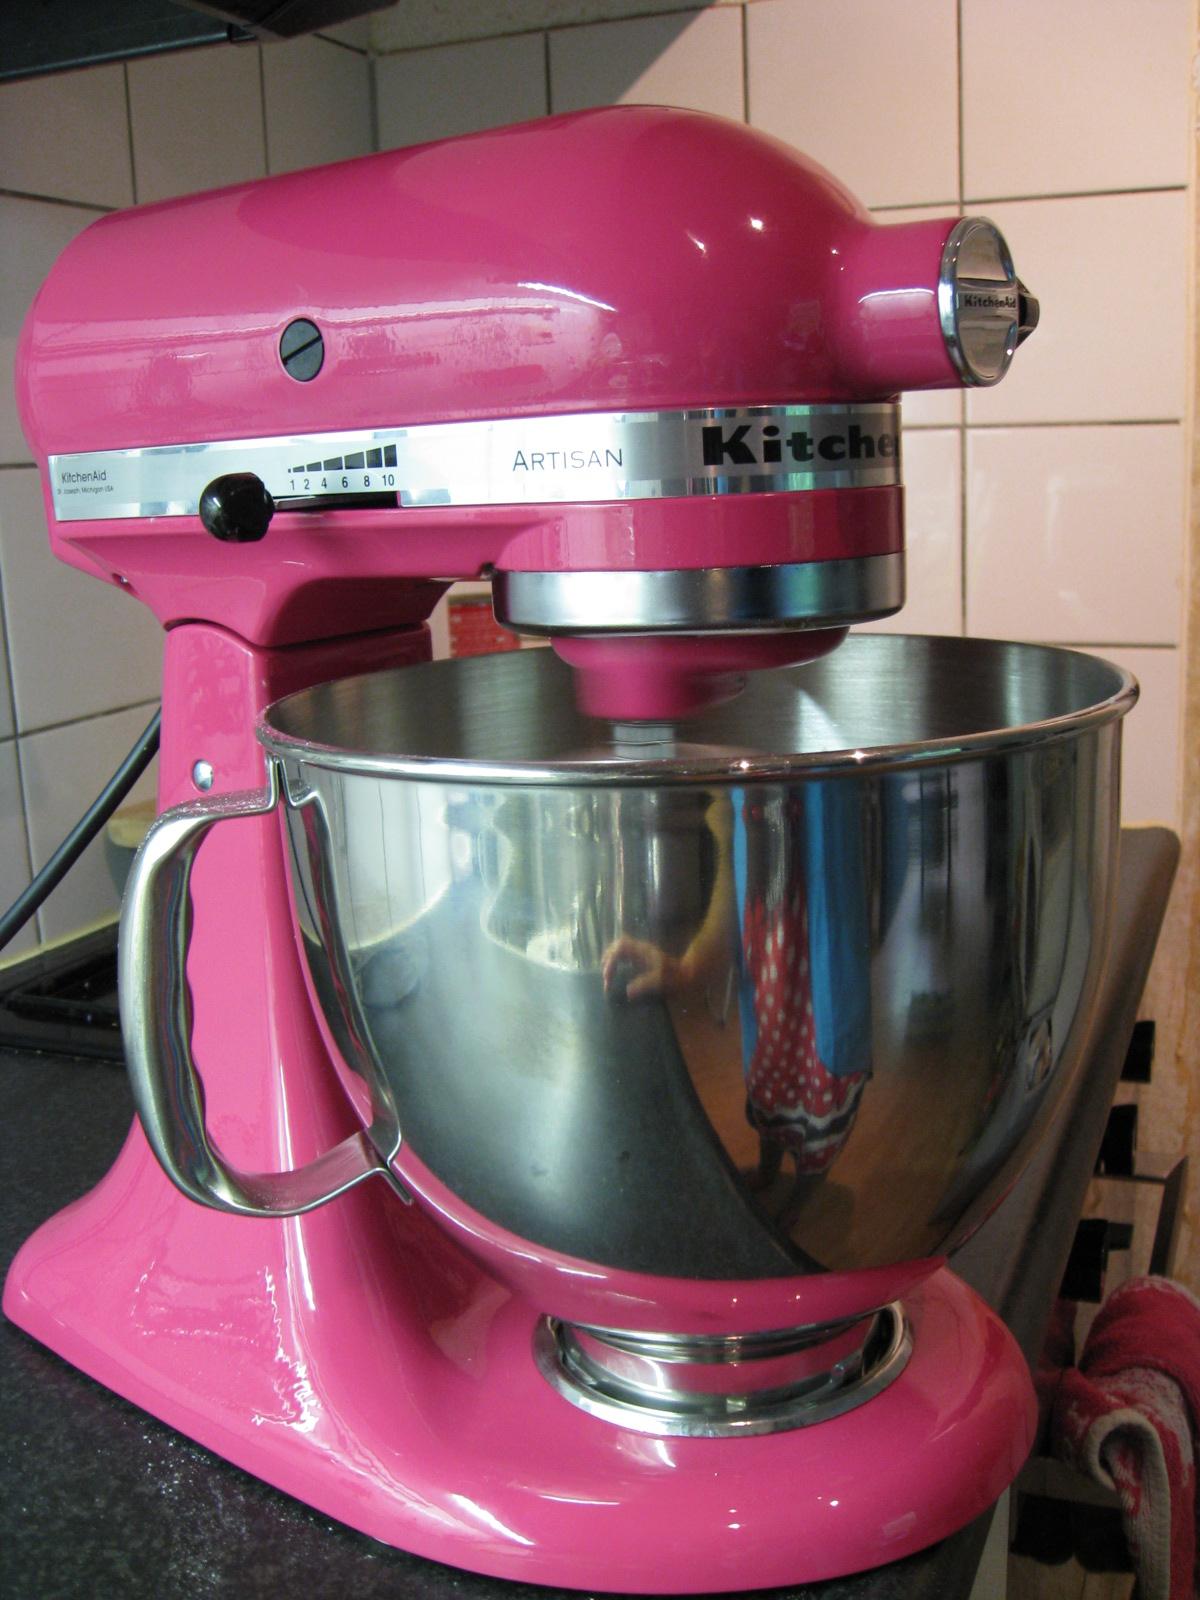 Kitchenaid artisian mixer photo - 3